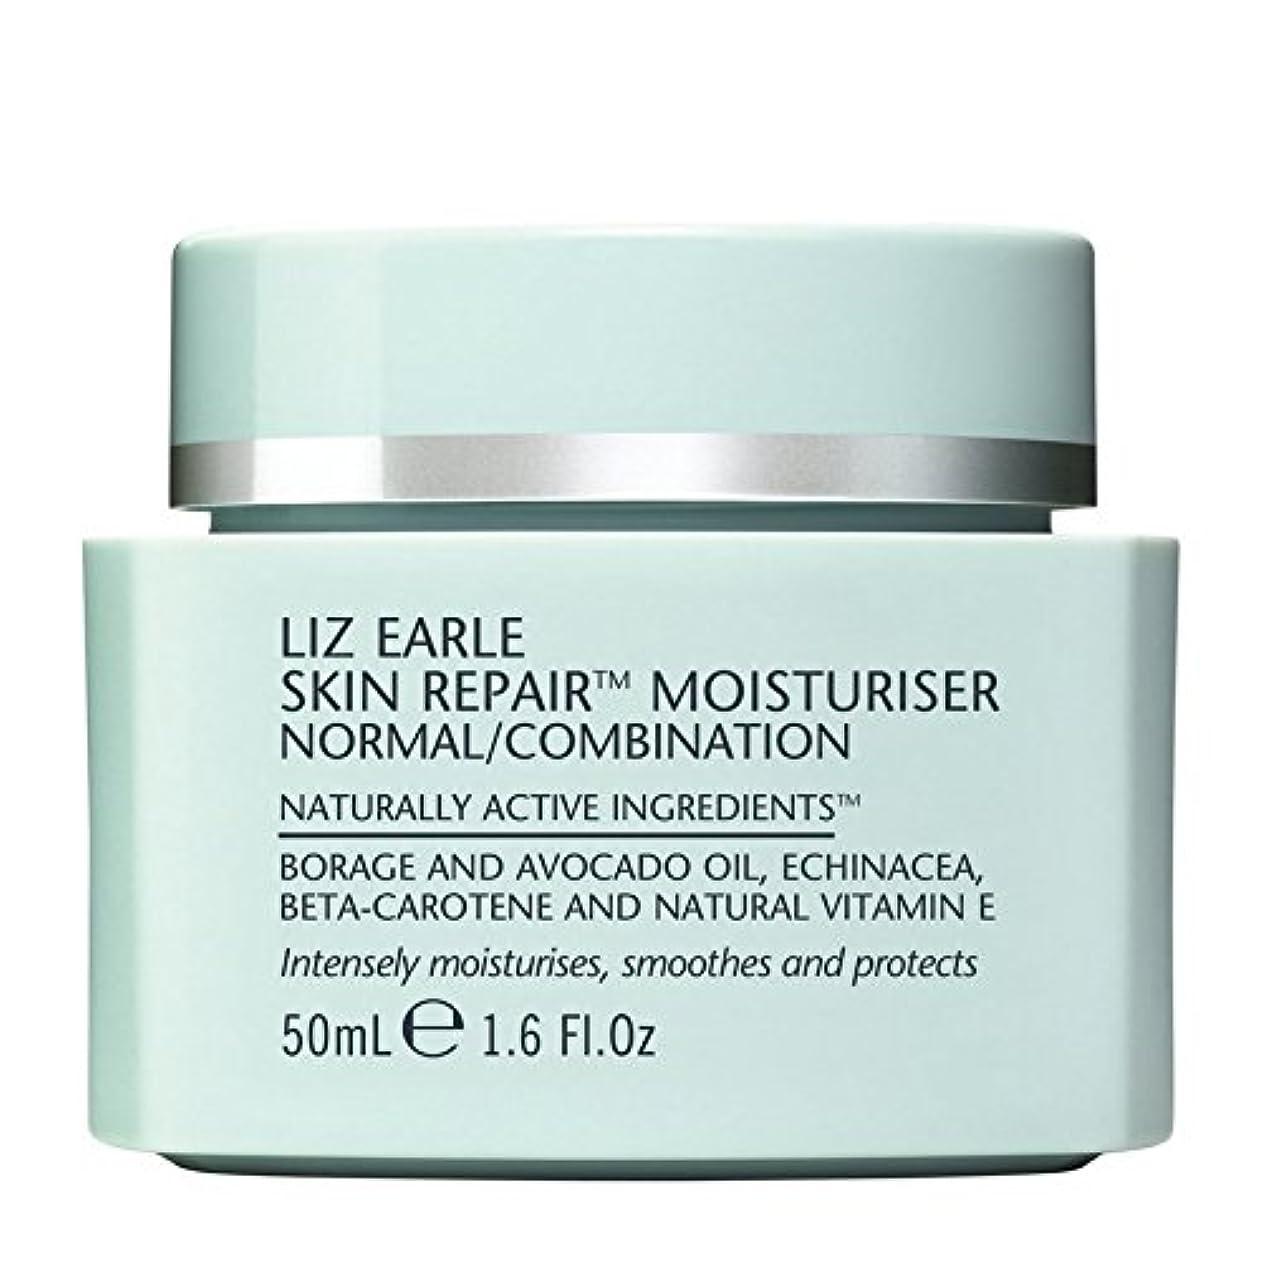 信頼有罪ペンLiz Earle Skin Repair Moisturiser Normal/Combination 50ml - リズアールスキンリペアモイスチャライザーノーマル/コンビネーション50ミリリットル [並行輸入品]